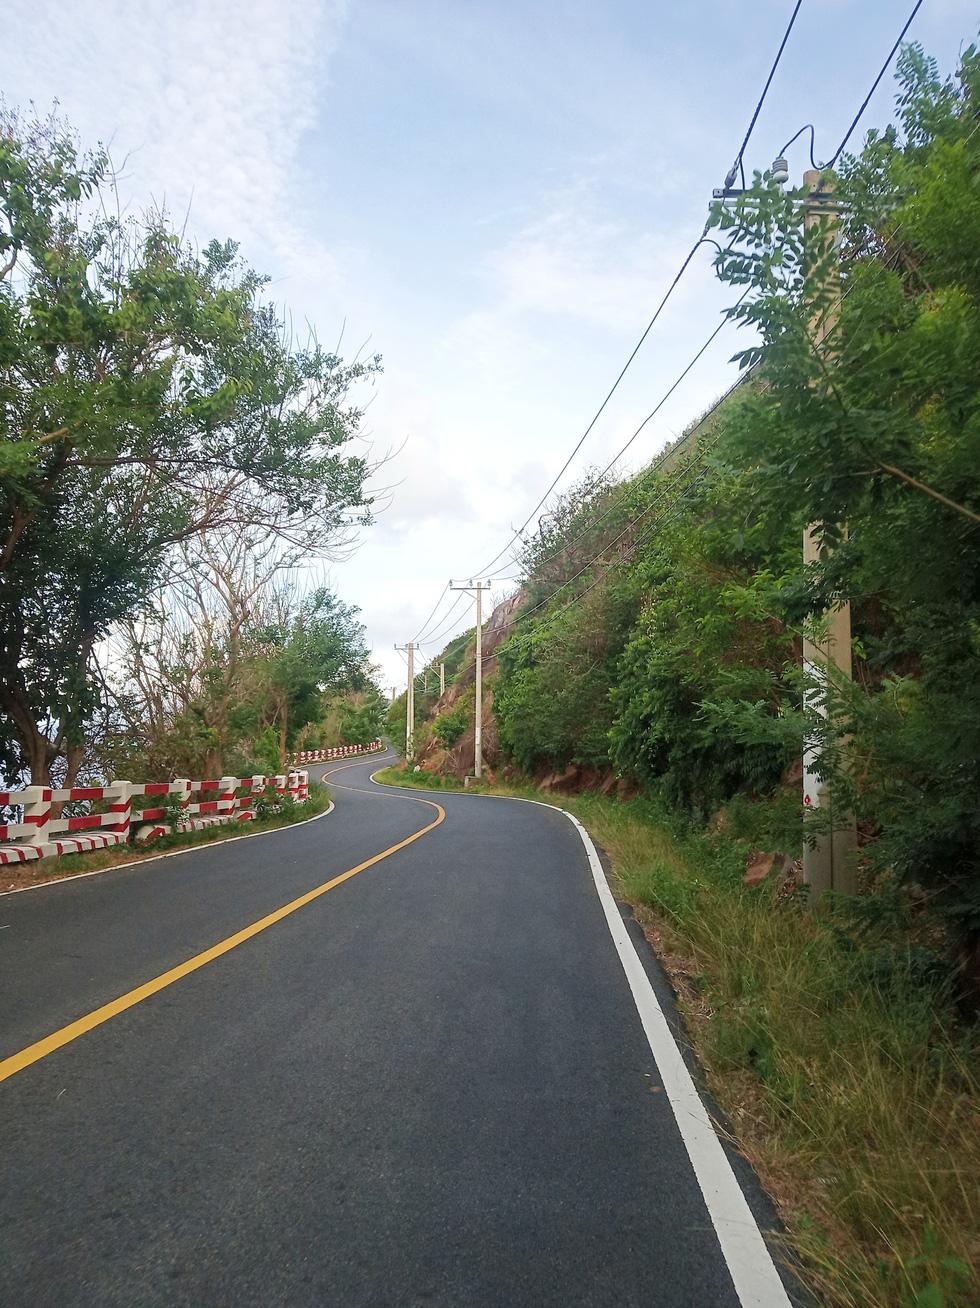 Đường Cỏ Ống uốn lượn ôm núi, cung đường độc đạo dẫn ra bãi Đầm Trầu và sân bay Côn Đảo